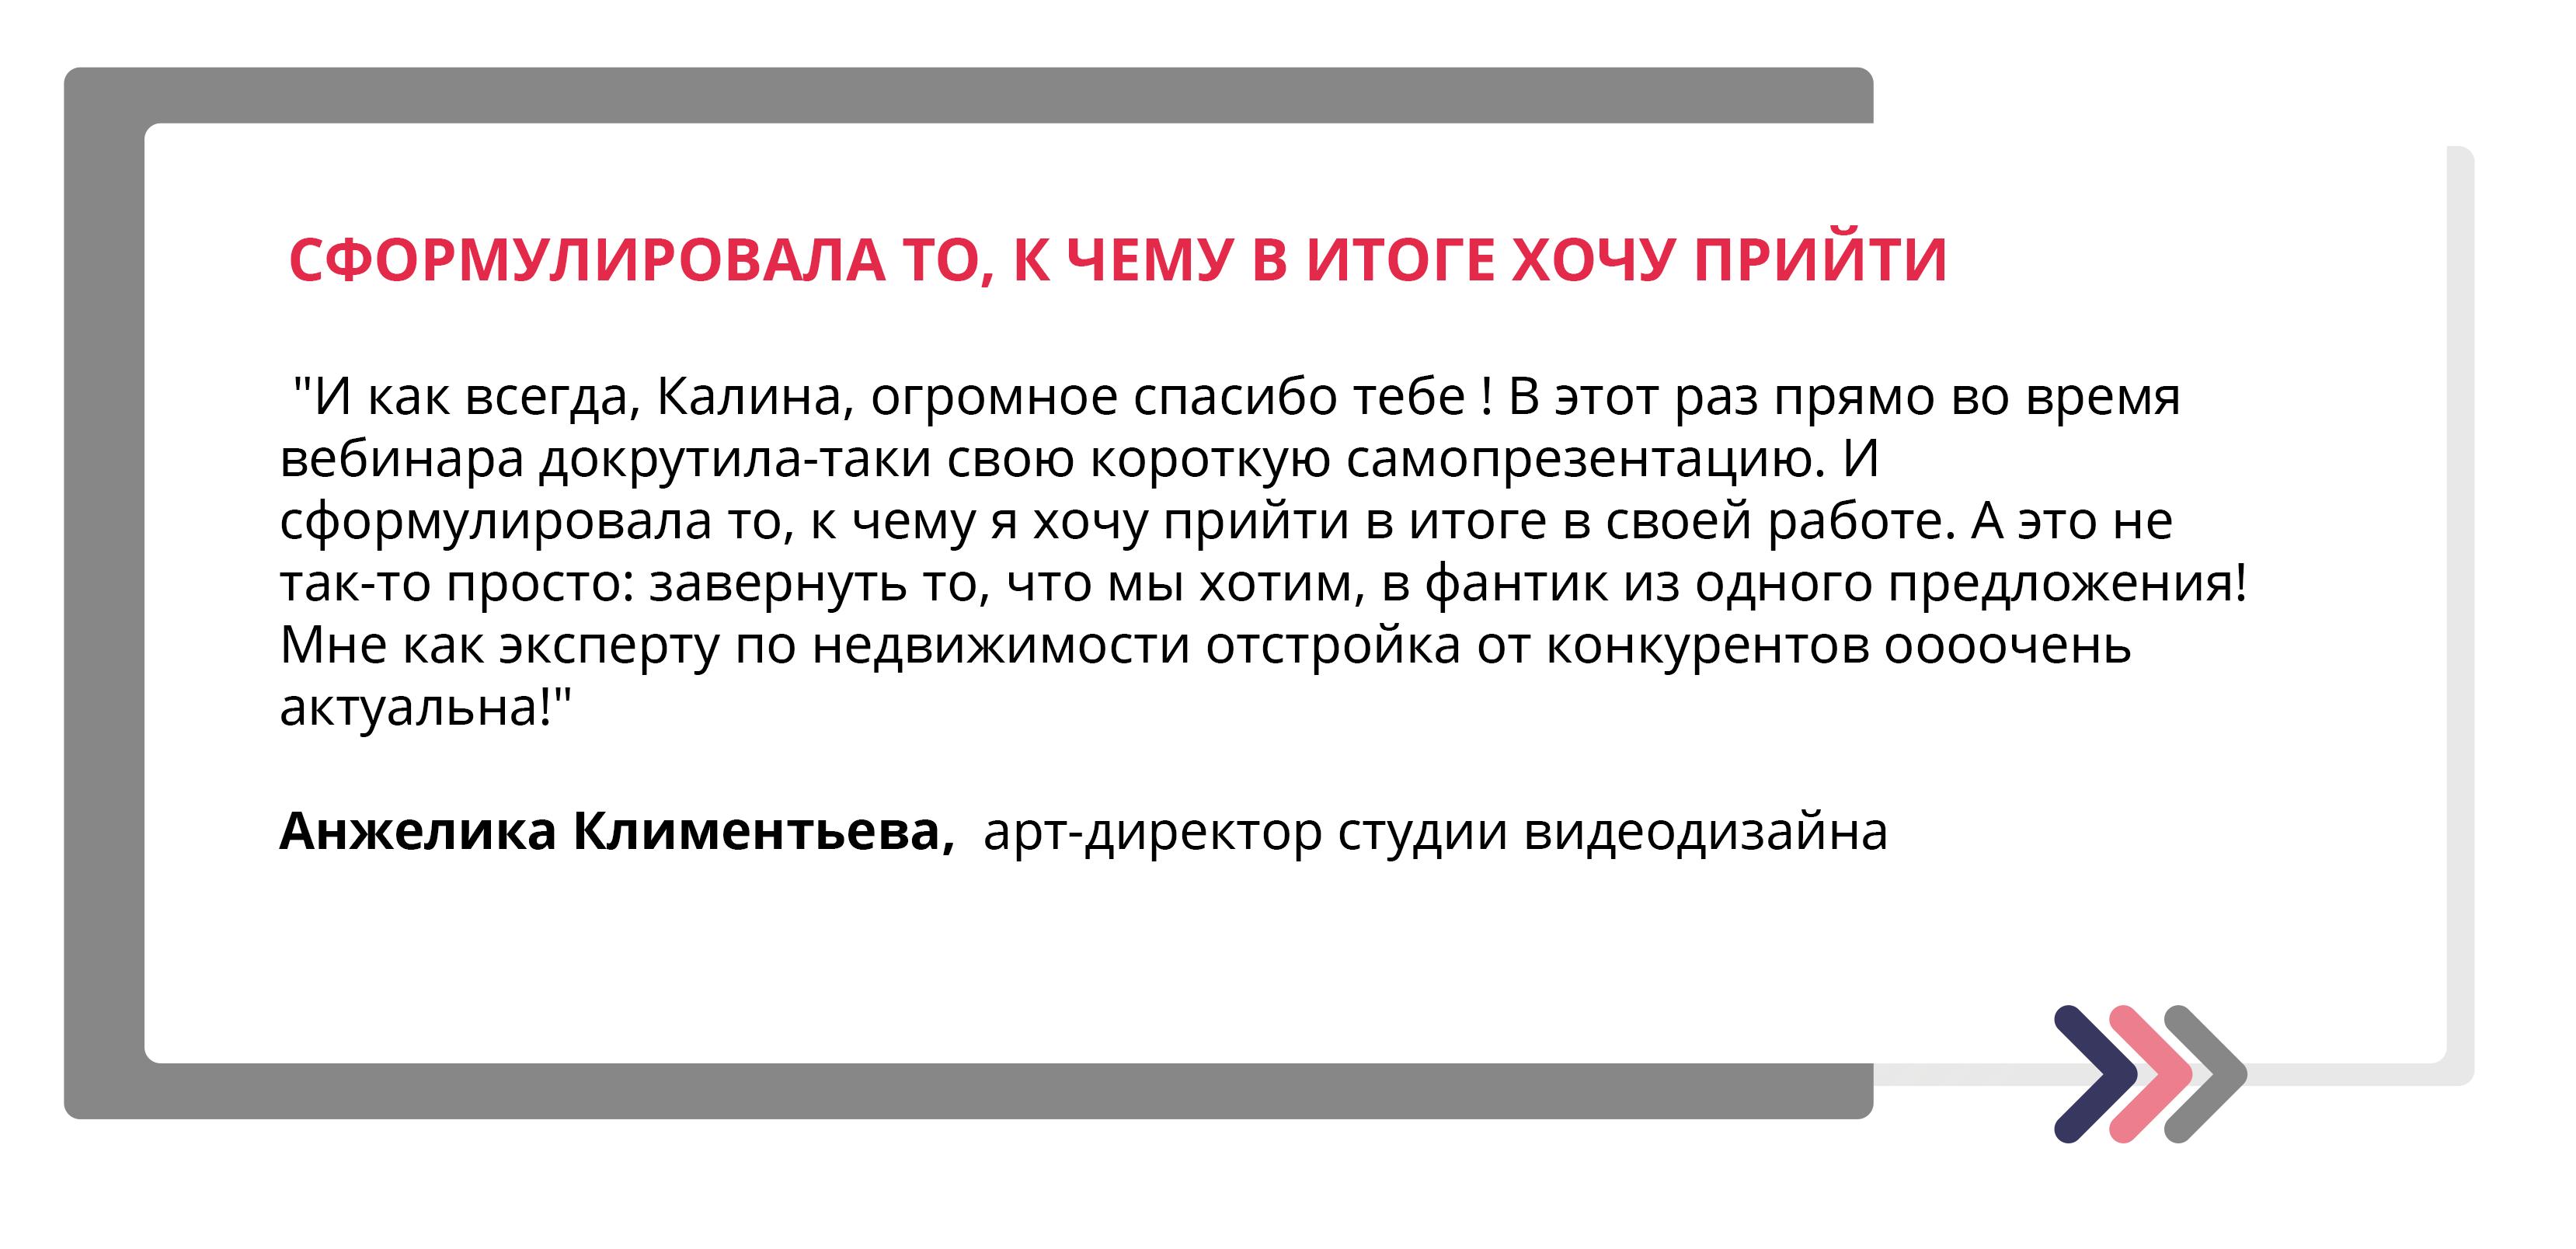 Отзывы-и-кейсы-03 Анжелика Климентьева